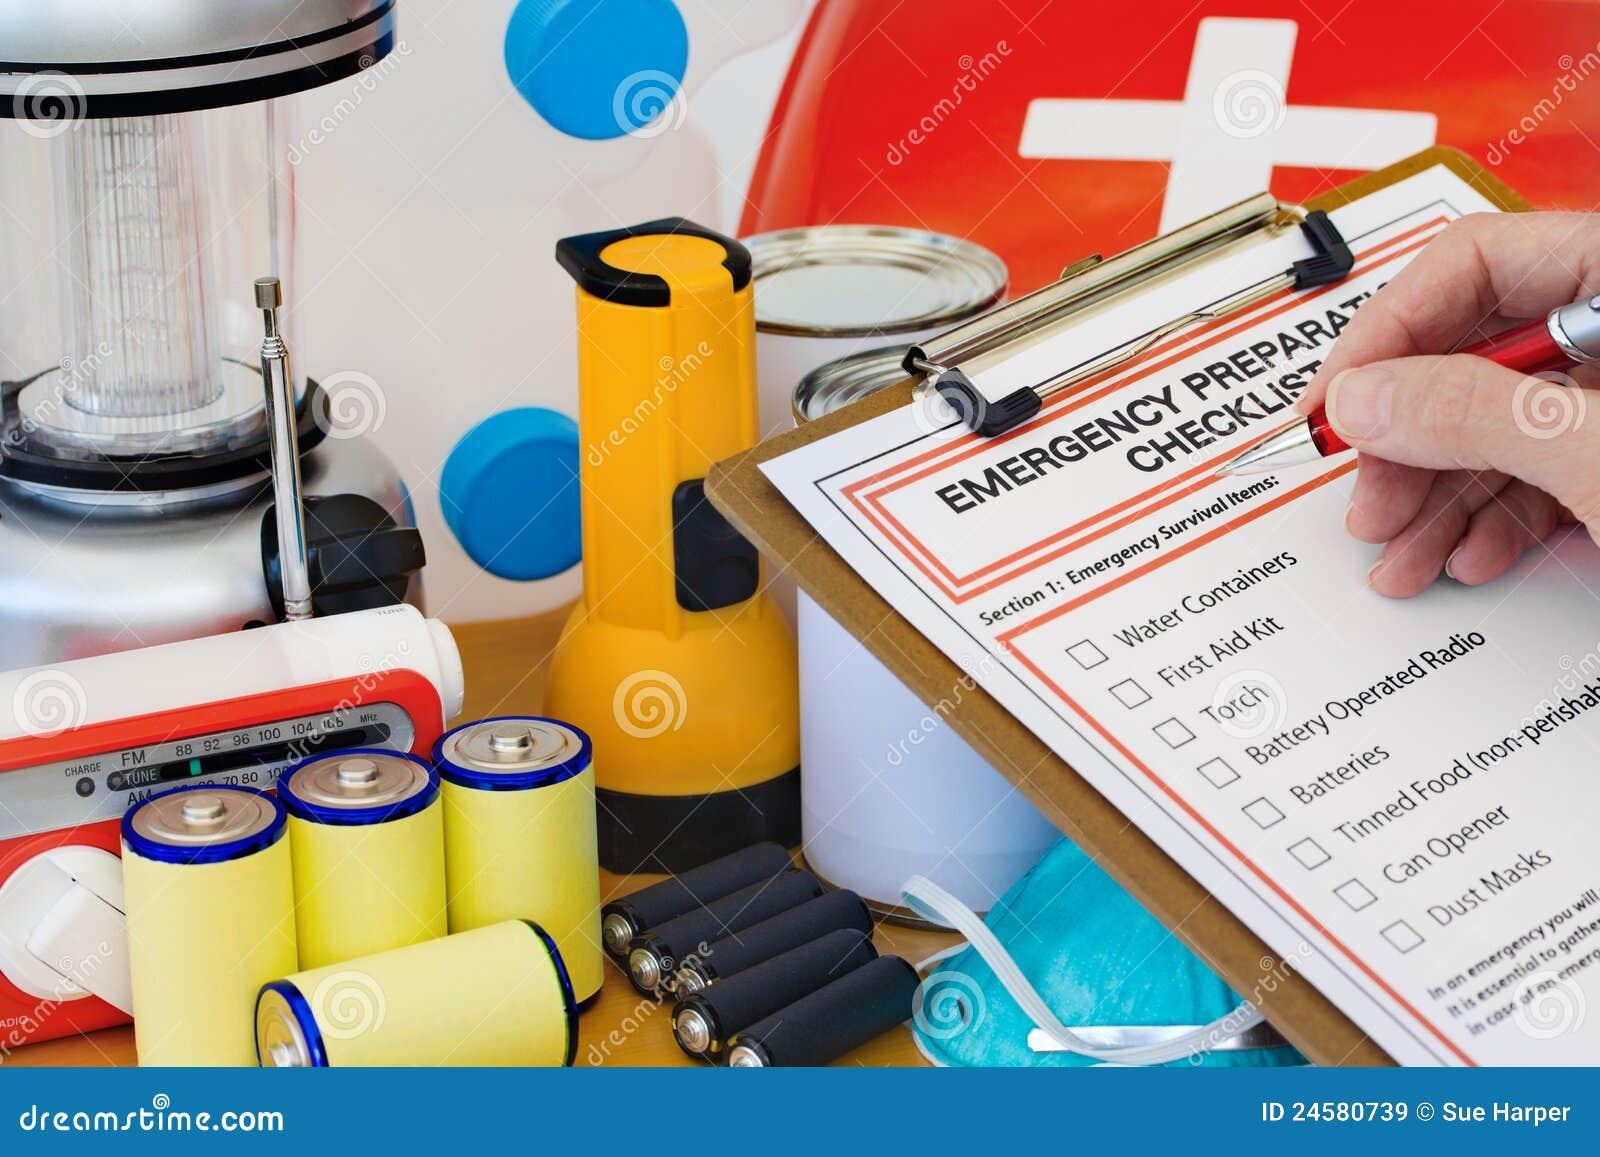 γράψιμο προετοιμασιών καταλόγων χεριών εξοπλισμού έκτακτης ανάγκης